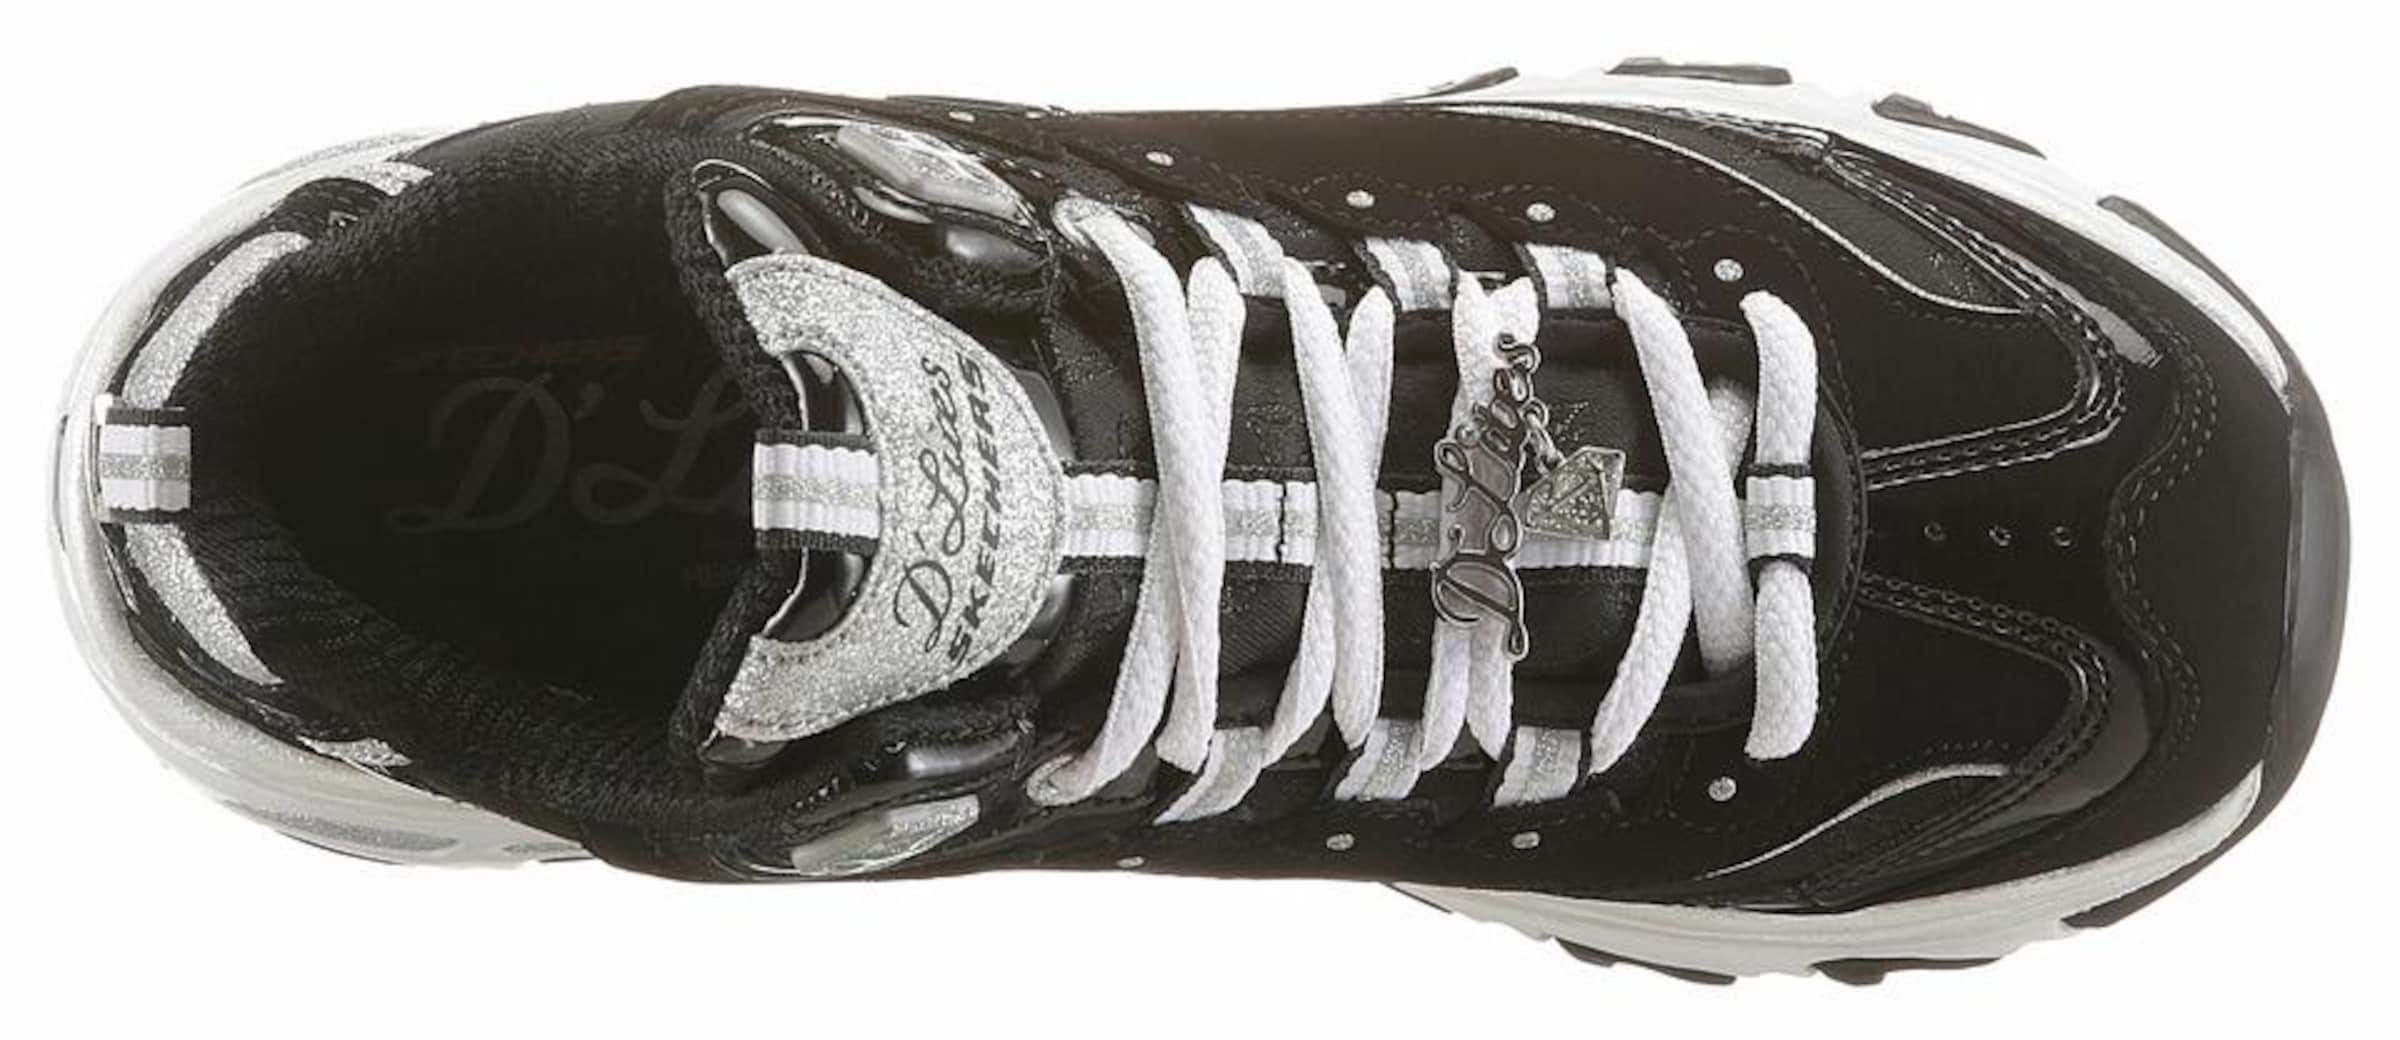 Auslasszwischenraum Steckdose Authentisch SKECHERS Schnürschuh 'D'Lites Style Revamp' 05I25qGKJe